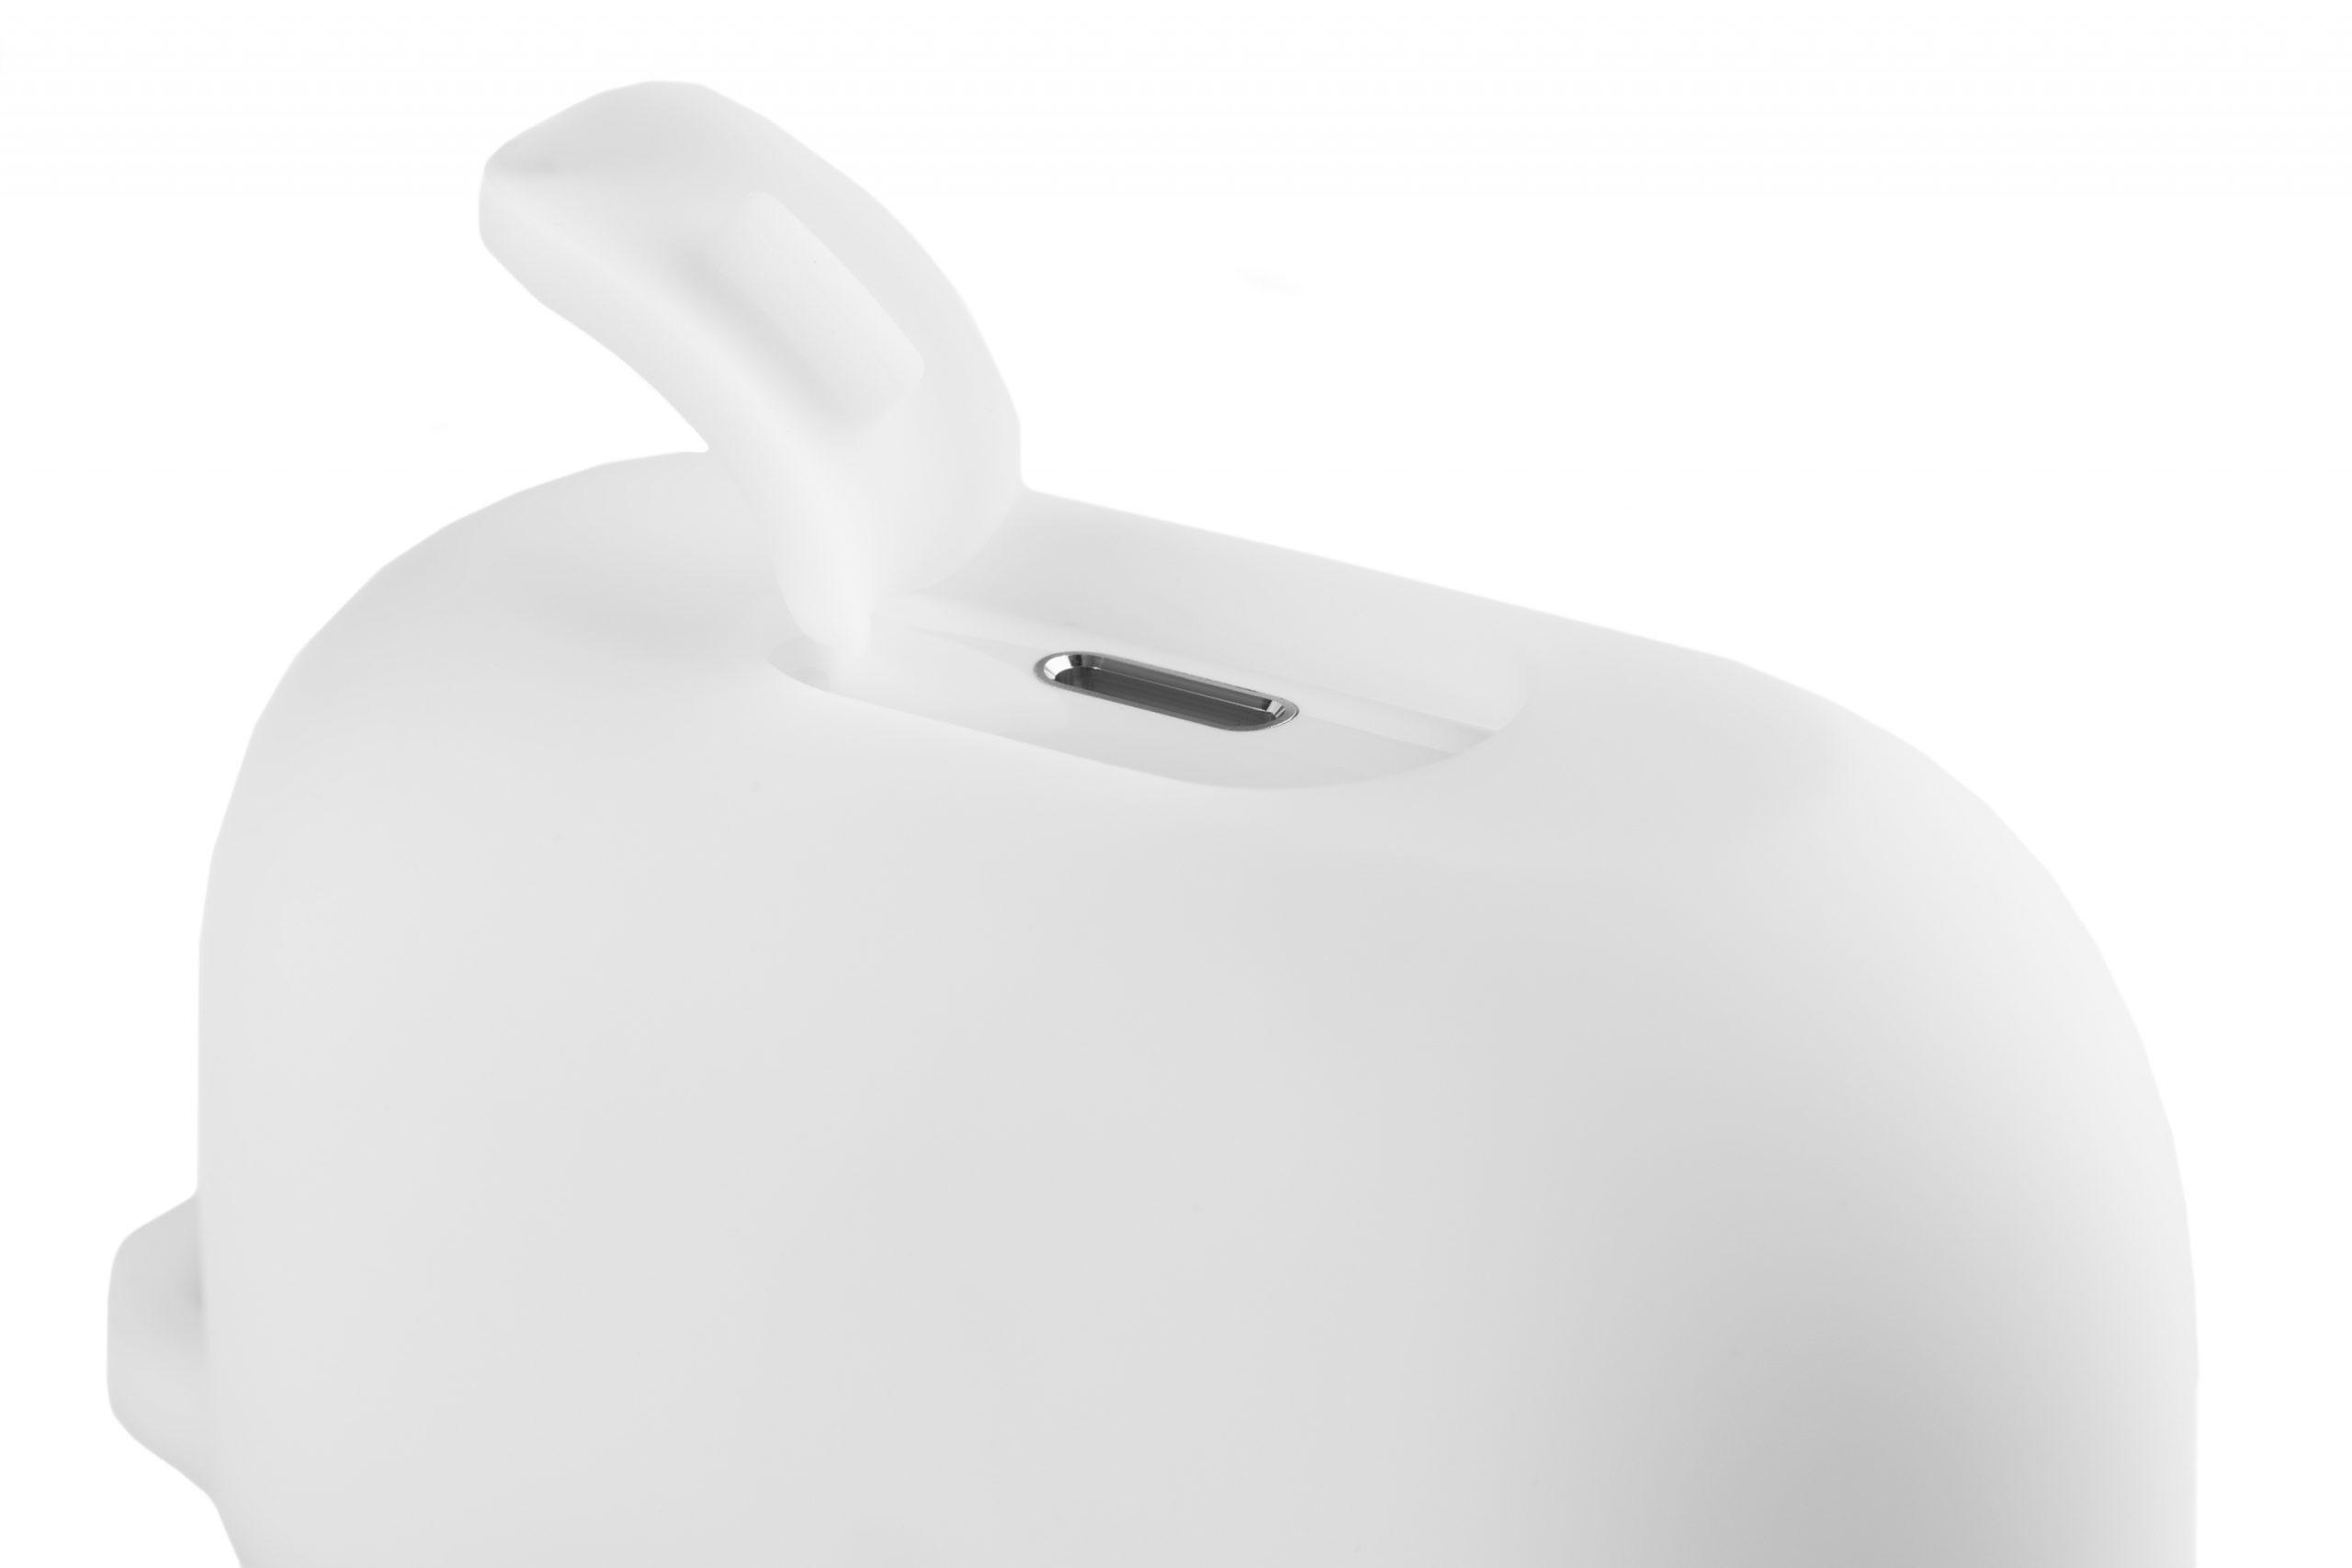 Case for Airpods Pro 2E White  - 2